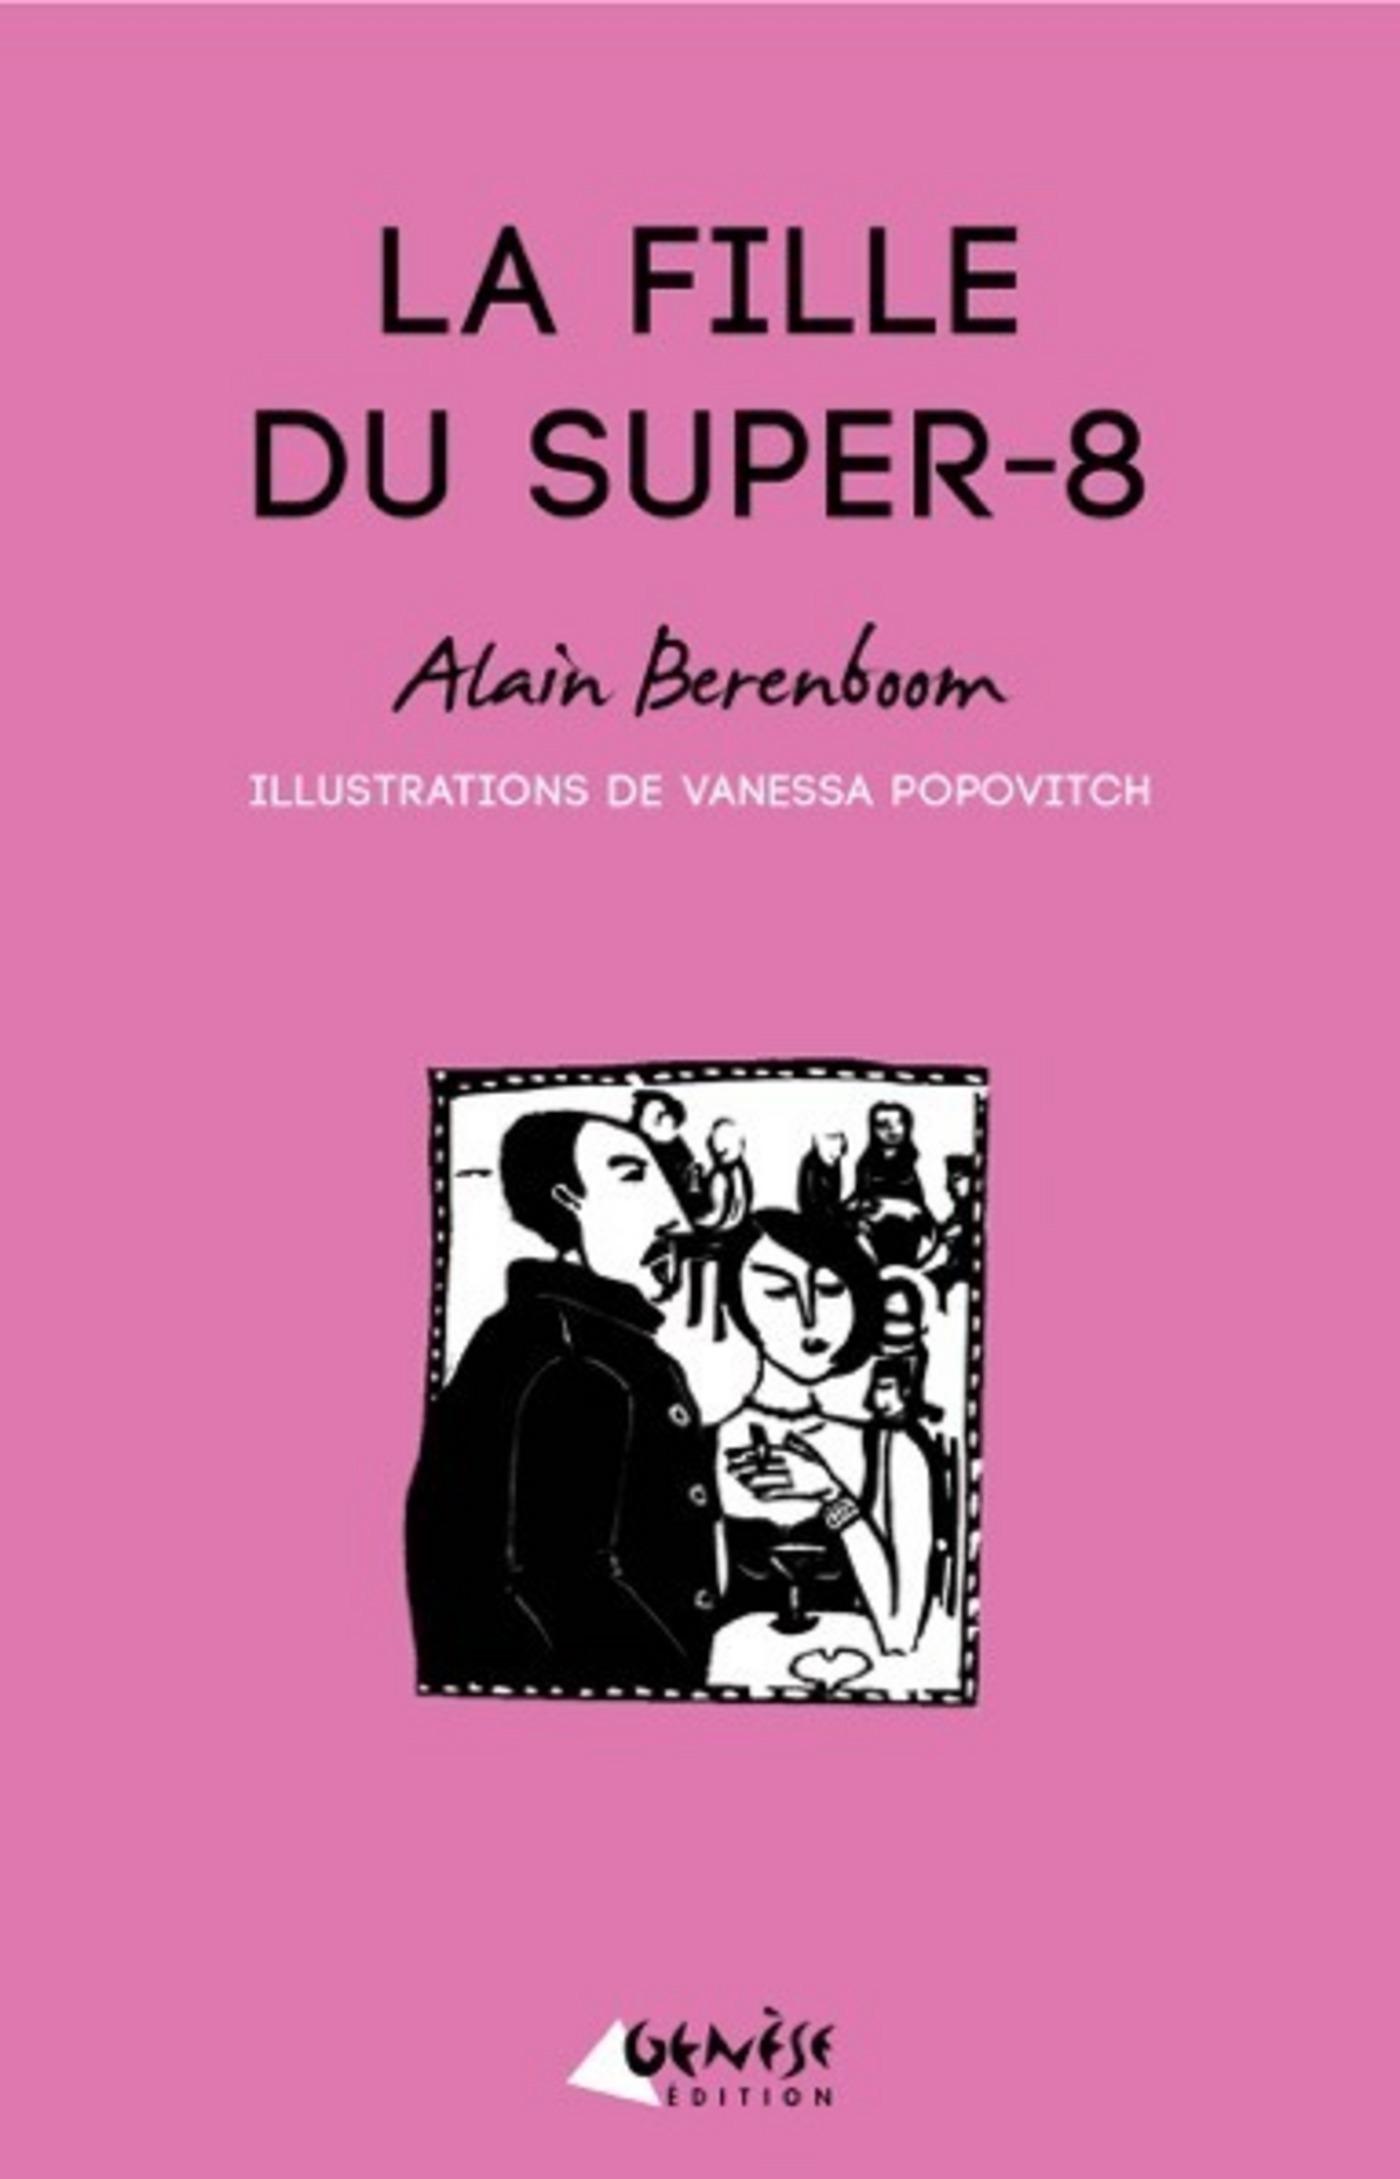 La Fille du super-8